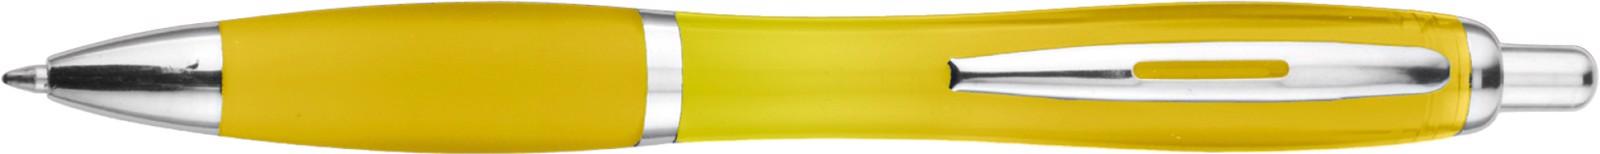 ABS ballpen - Yellow